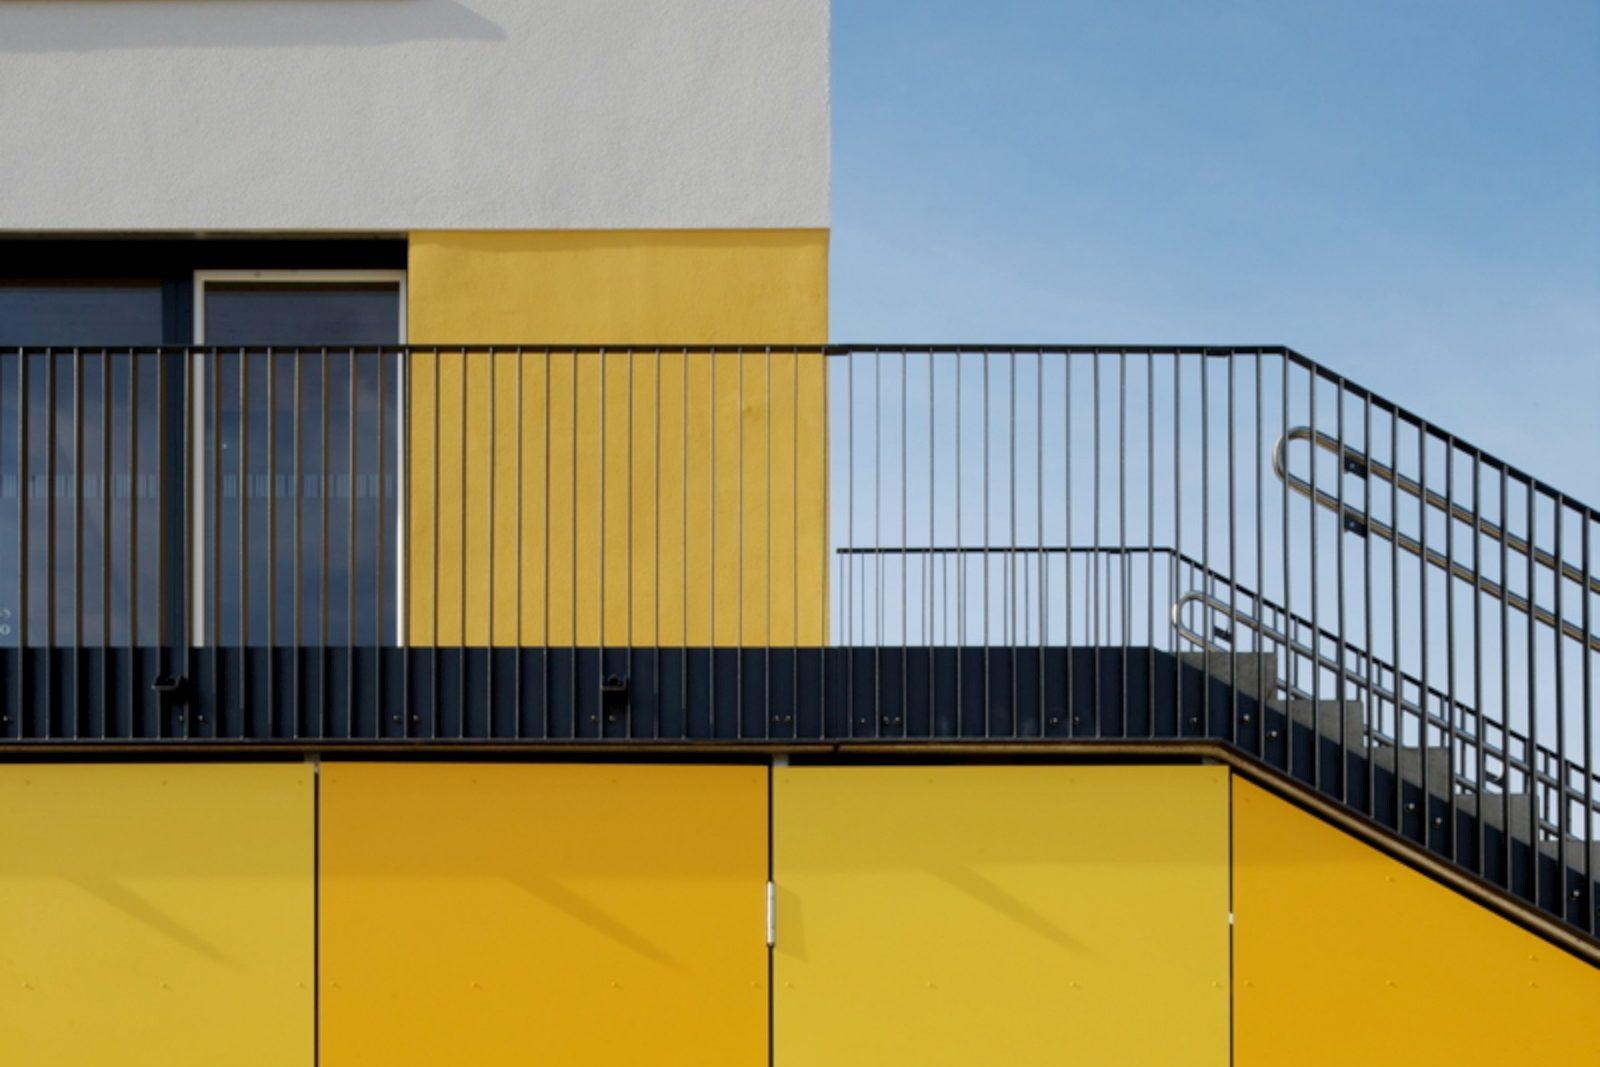 kita_Goyastrasse-Fassadendetail